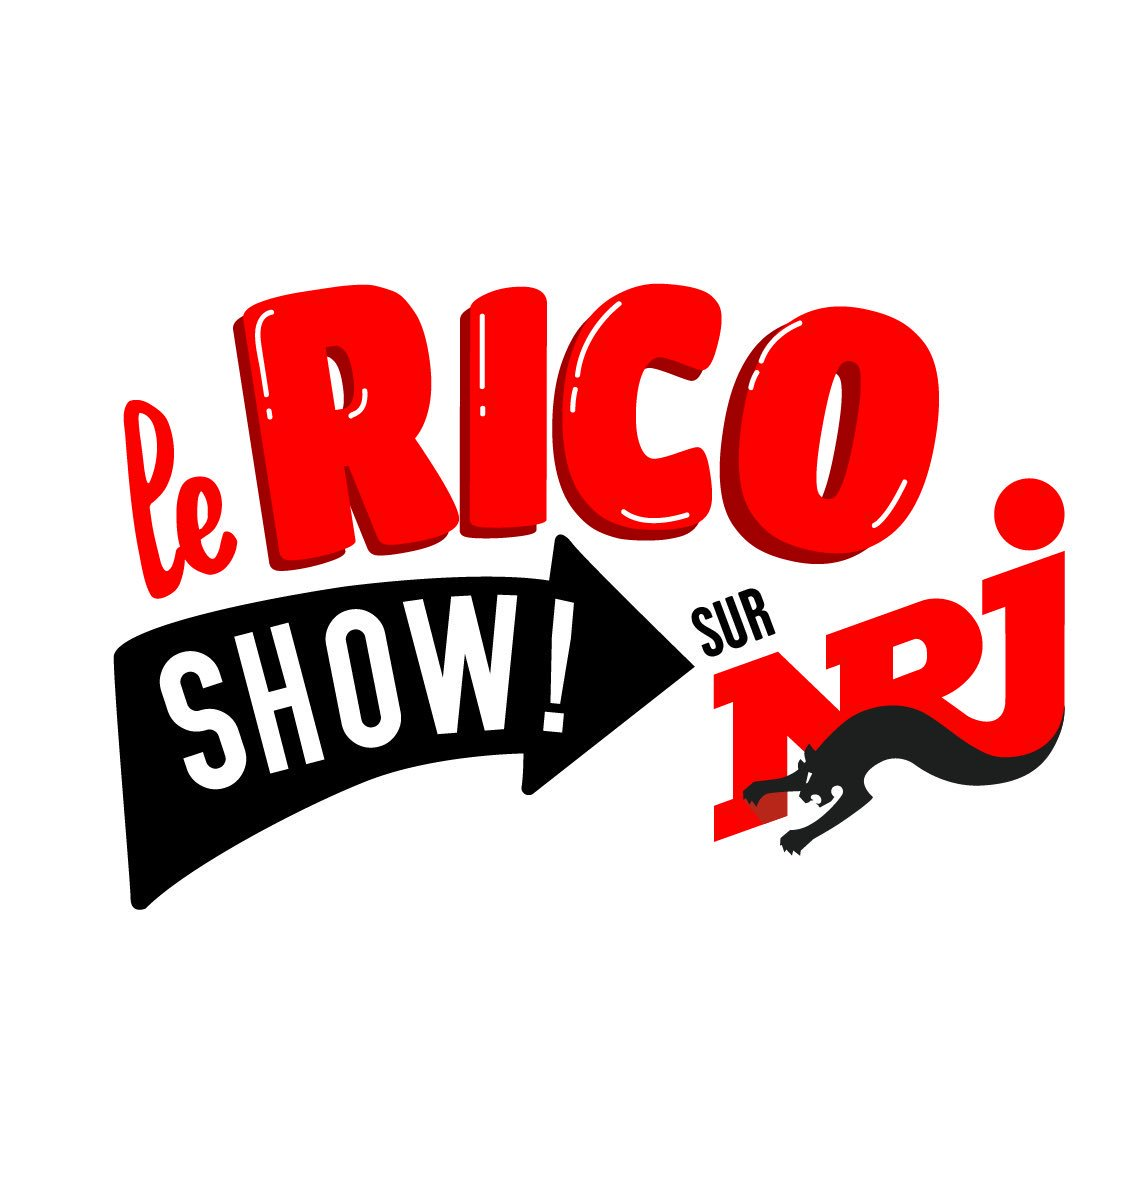 🎙️ Ecoutez #NRJ !!! @KeenvOfficiel est avec nous dans le #RicoShowSurNRJ ! Ça va être énorme ♥